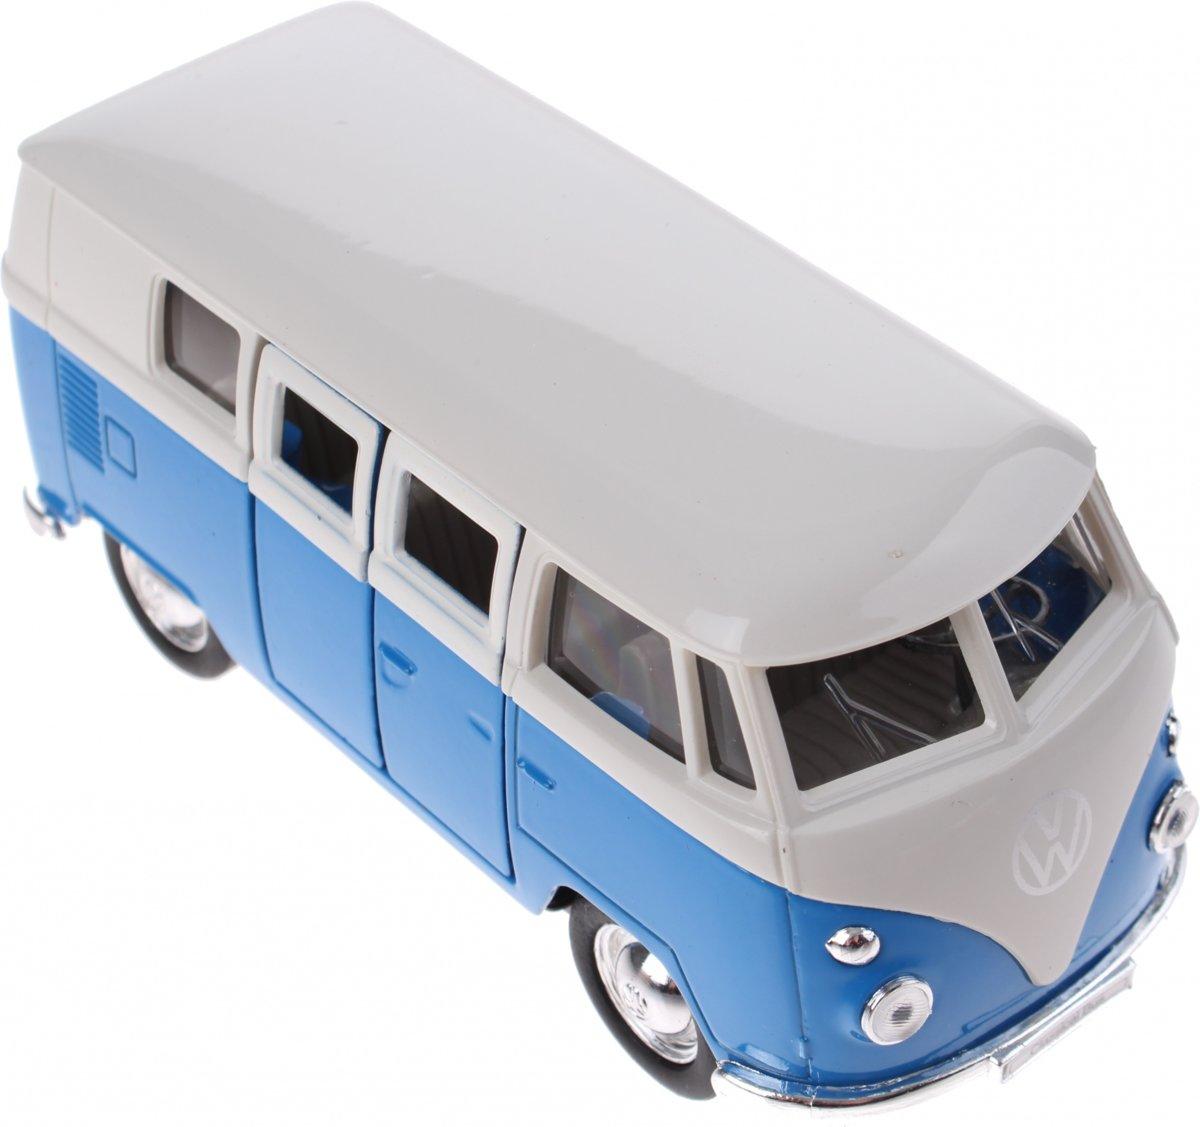 Welly metalen Volkswagen bus blauw 11,5 cm